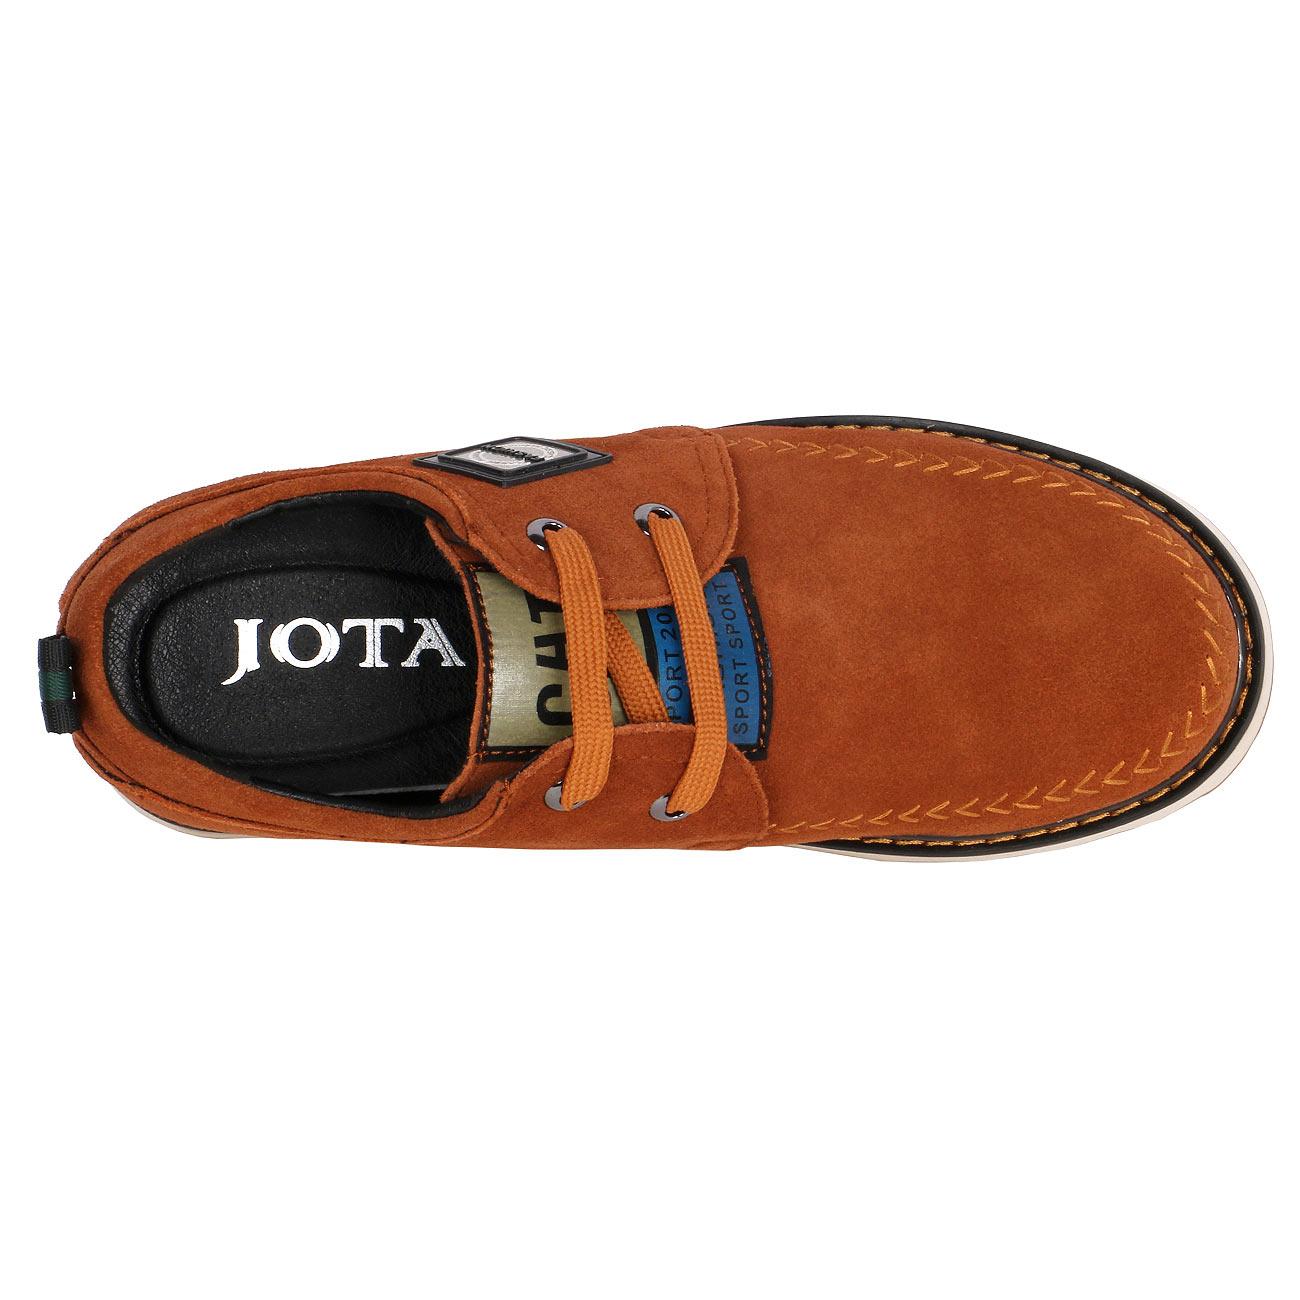 Campus Outdoor Life Men's Suede Casual Shoe 2.4